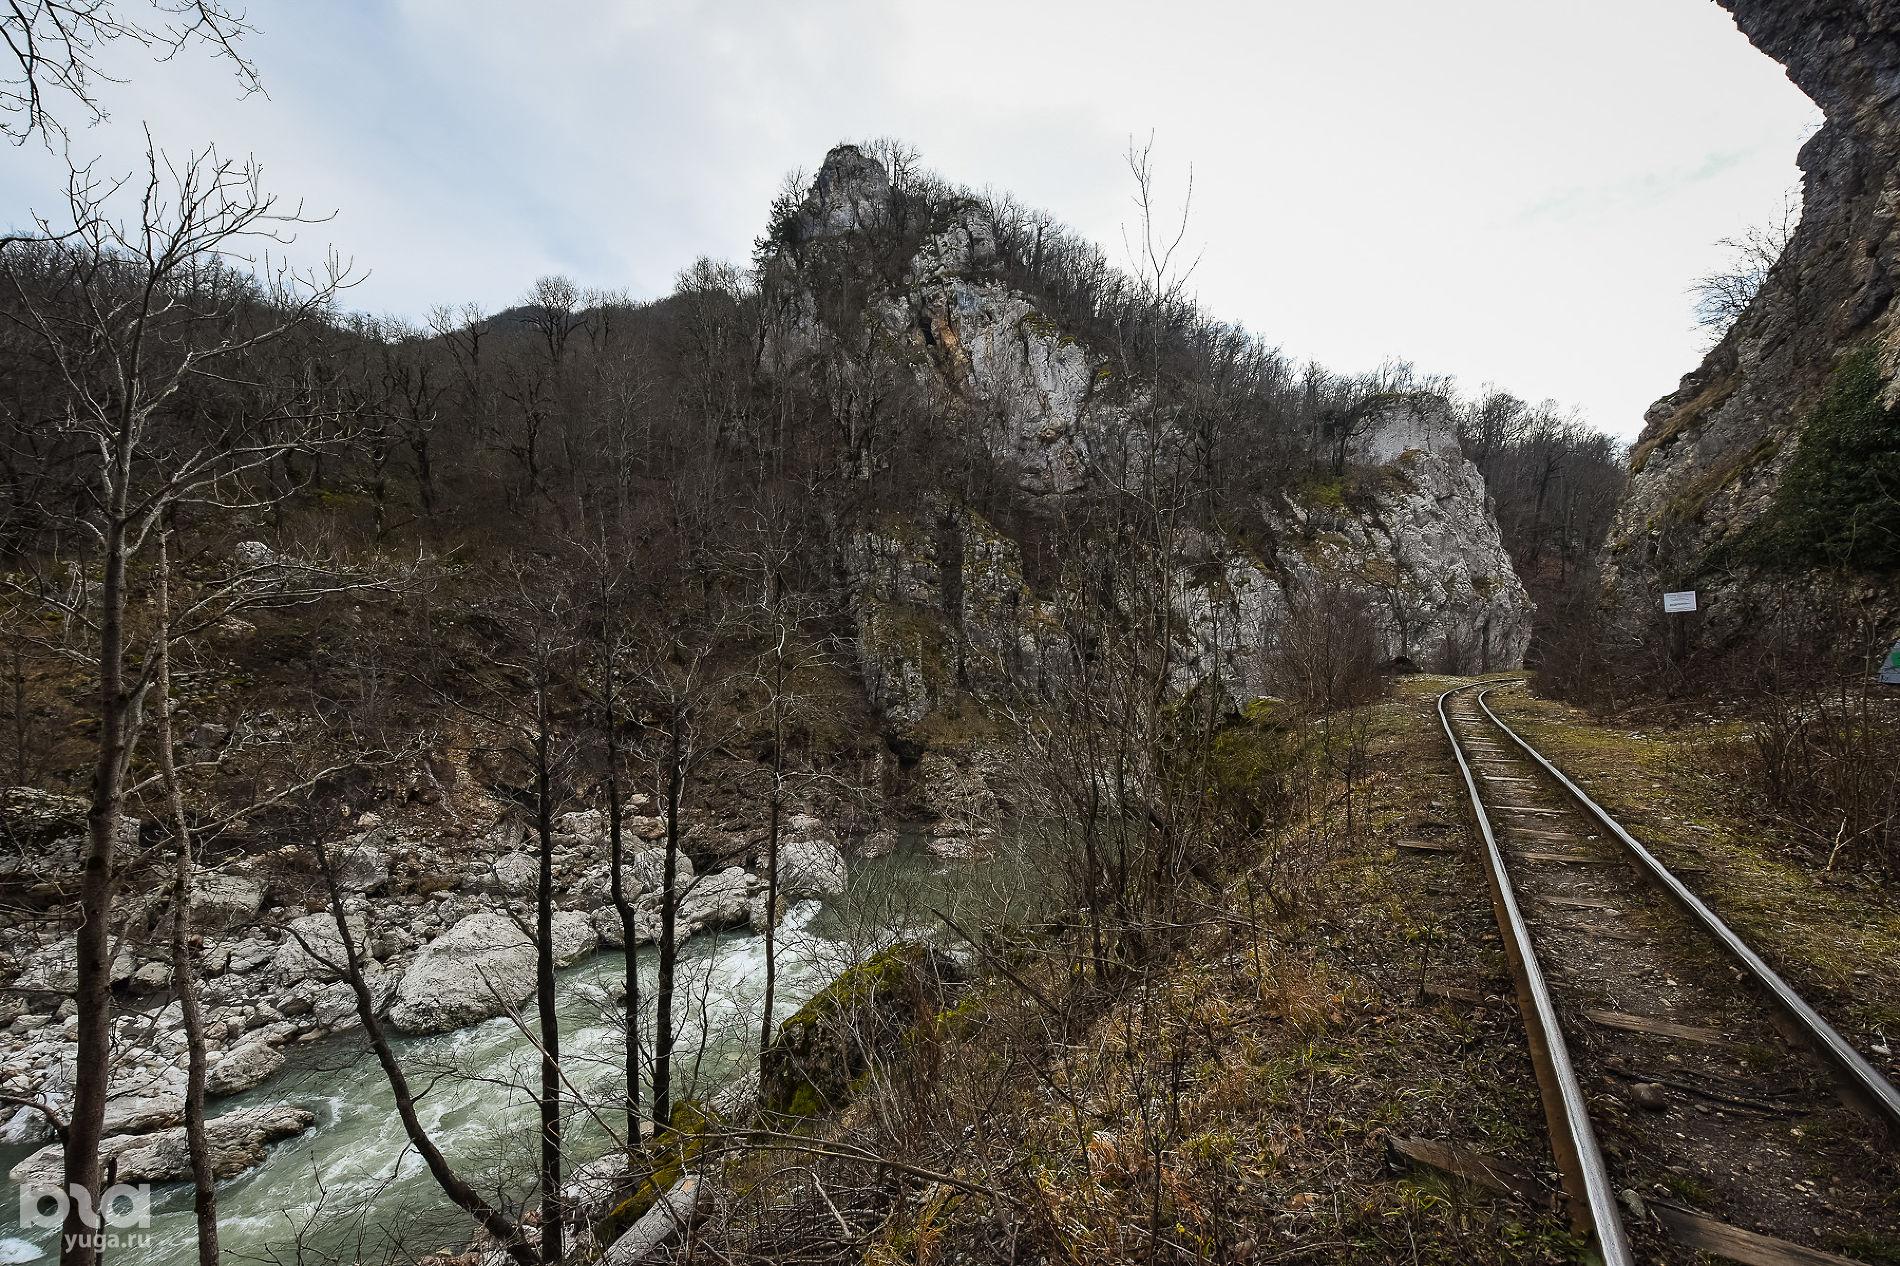 Апшеронская узкоколейная железная дорога ©Фото Елены Синеок, Юга.ру